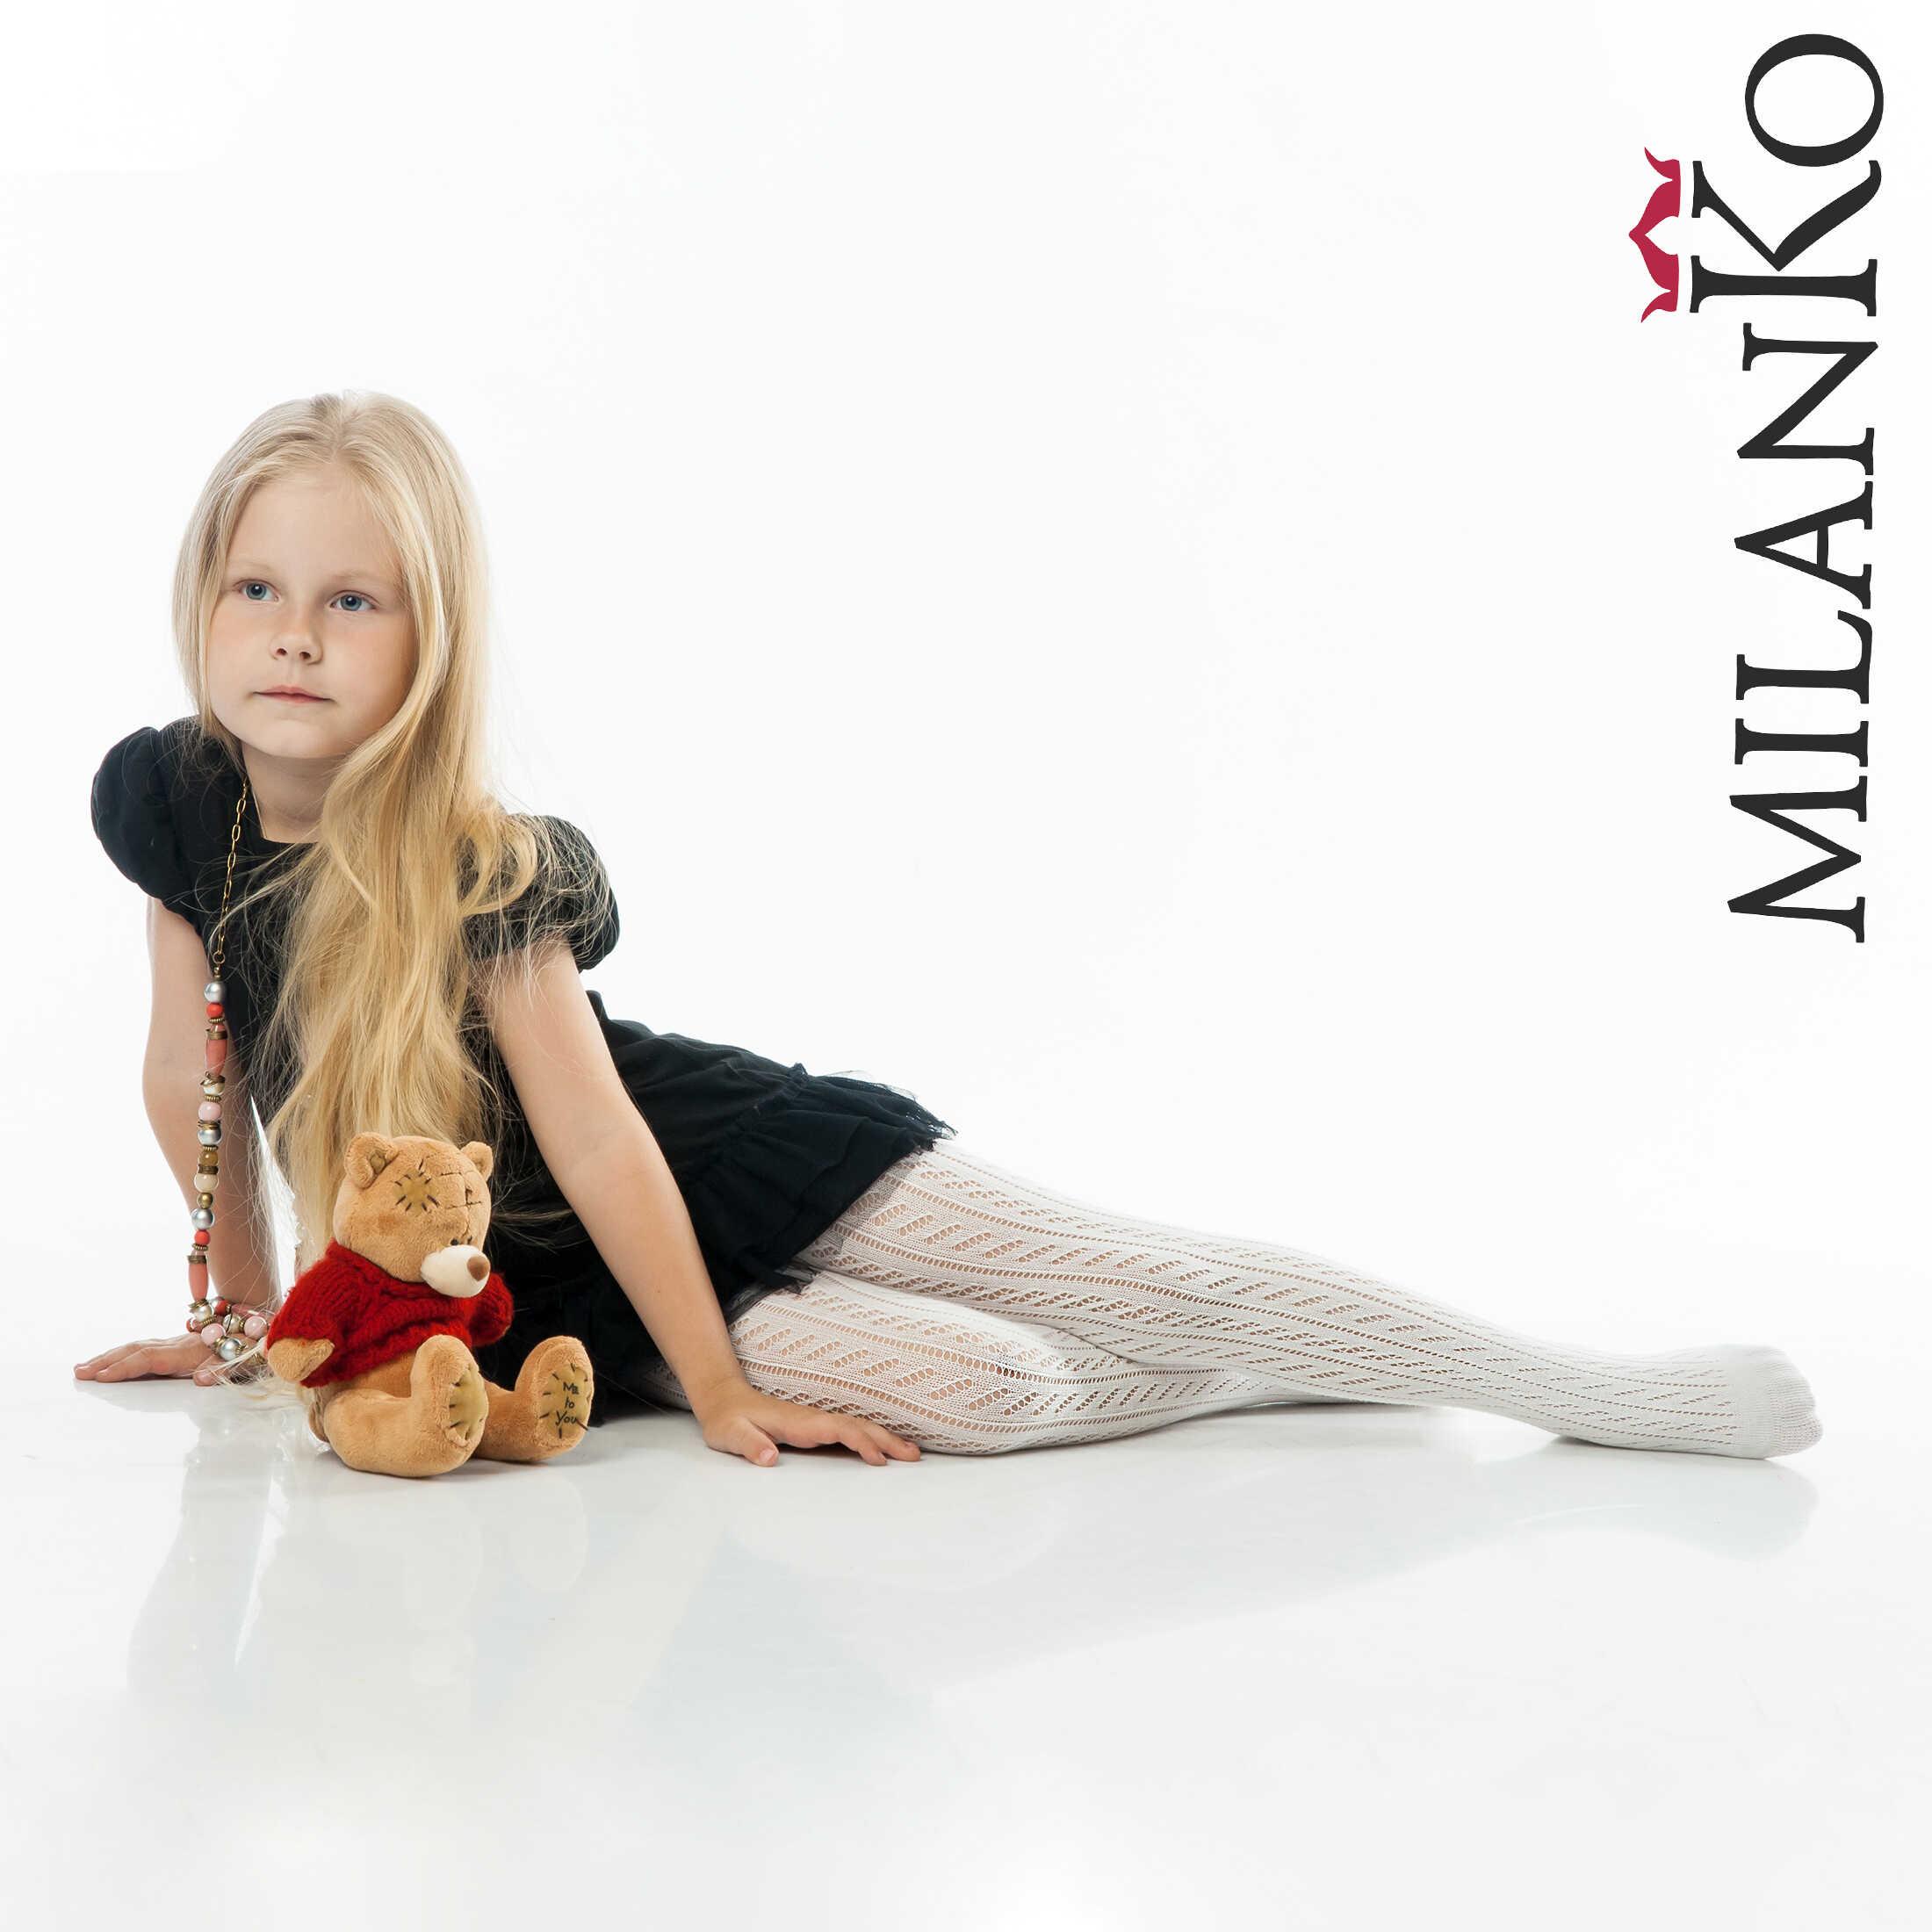 Детские ажурные колготки из хлопка БЕЛЫЕ MilanKo IN-115